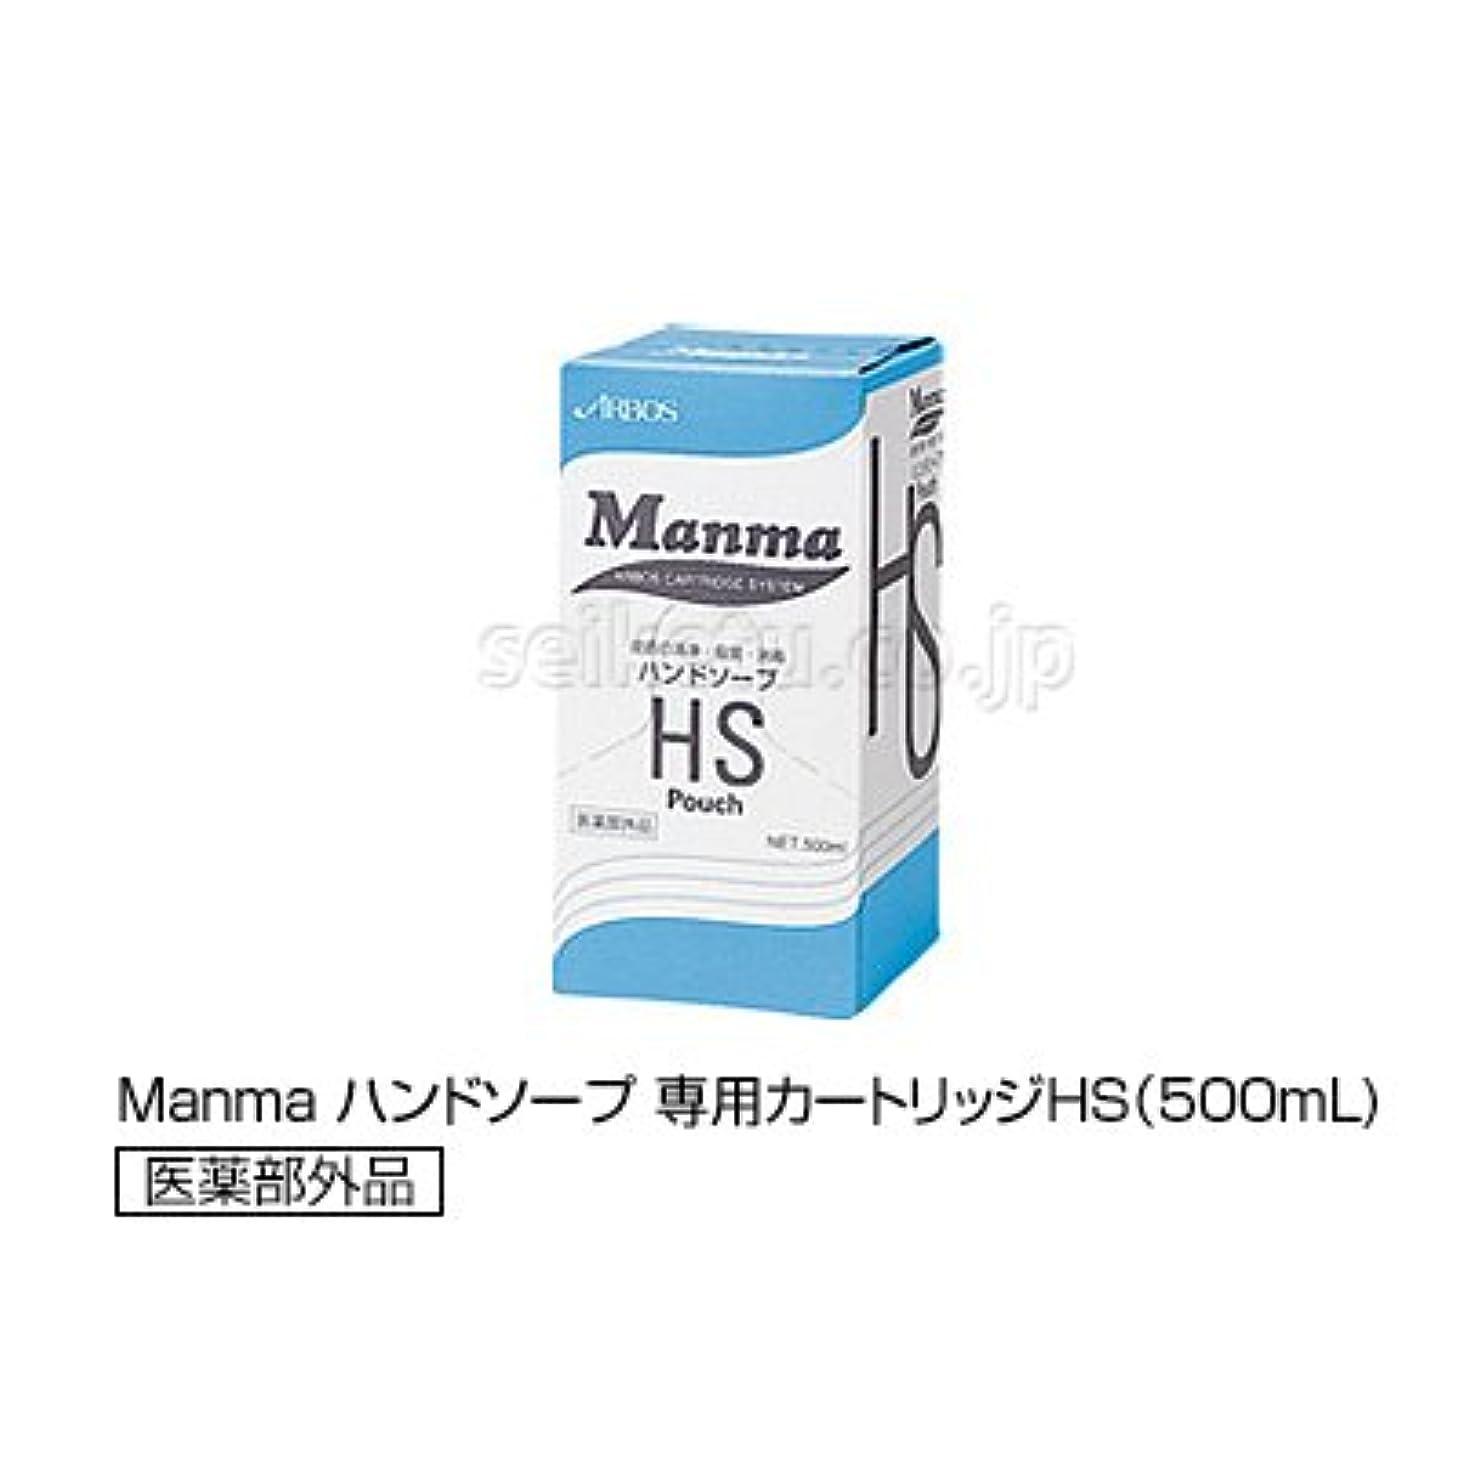 高層ビルなめらかな驚Manma ハンドソープ 専用カートリッジ/専用カートリッジHS(500mL)【清潔キレイ館】